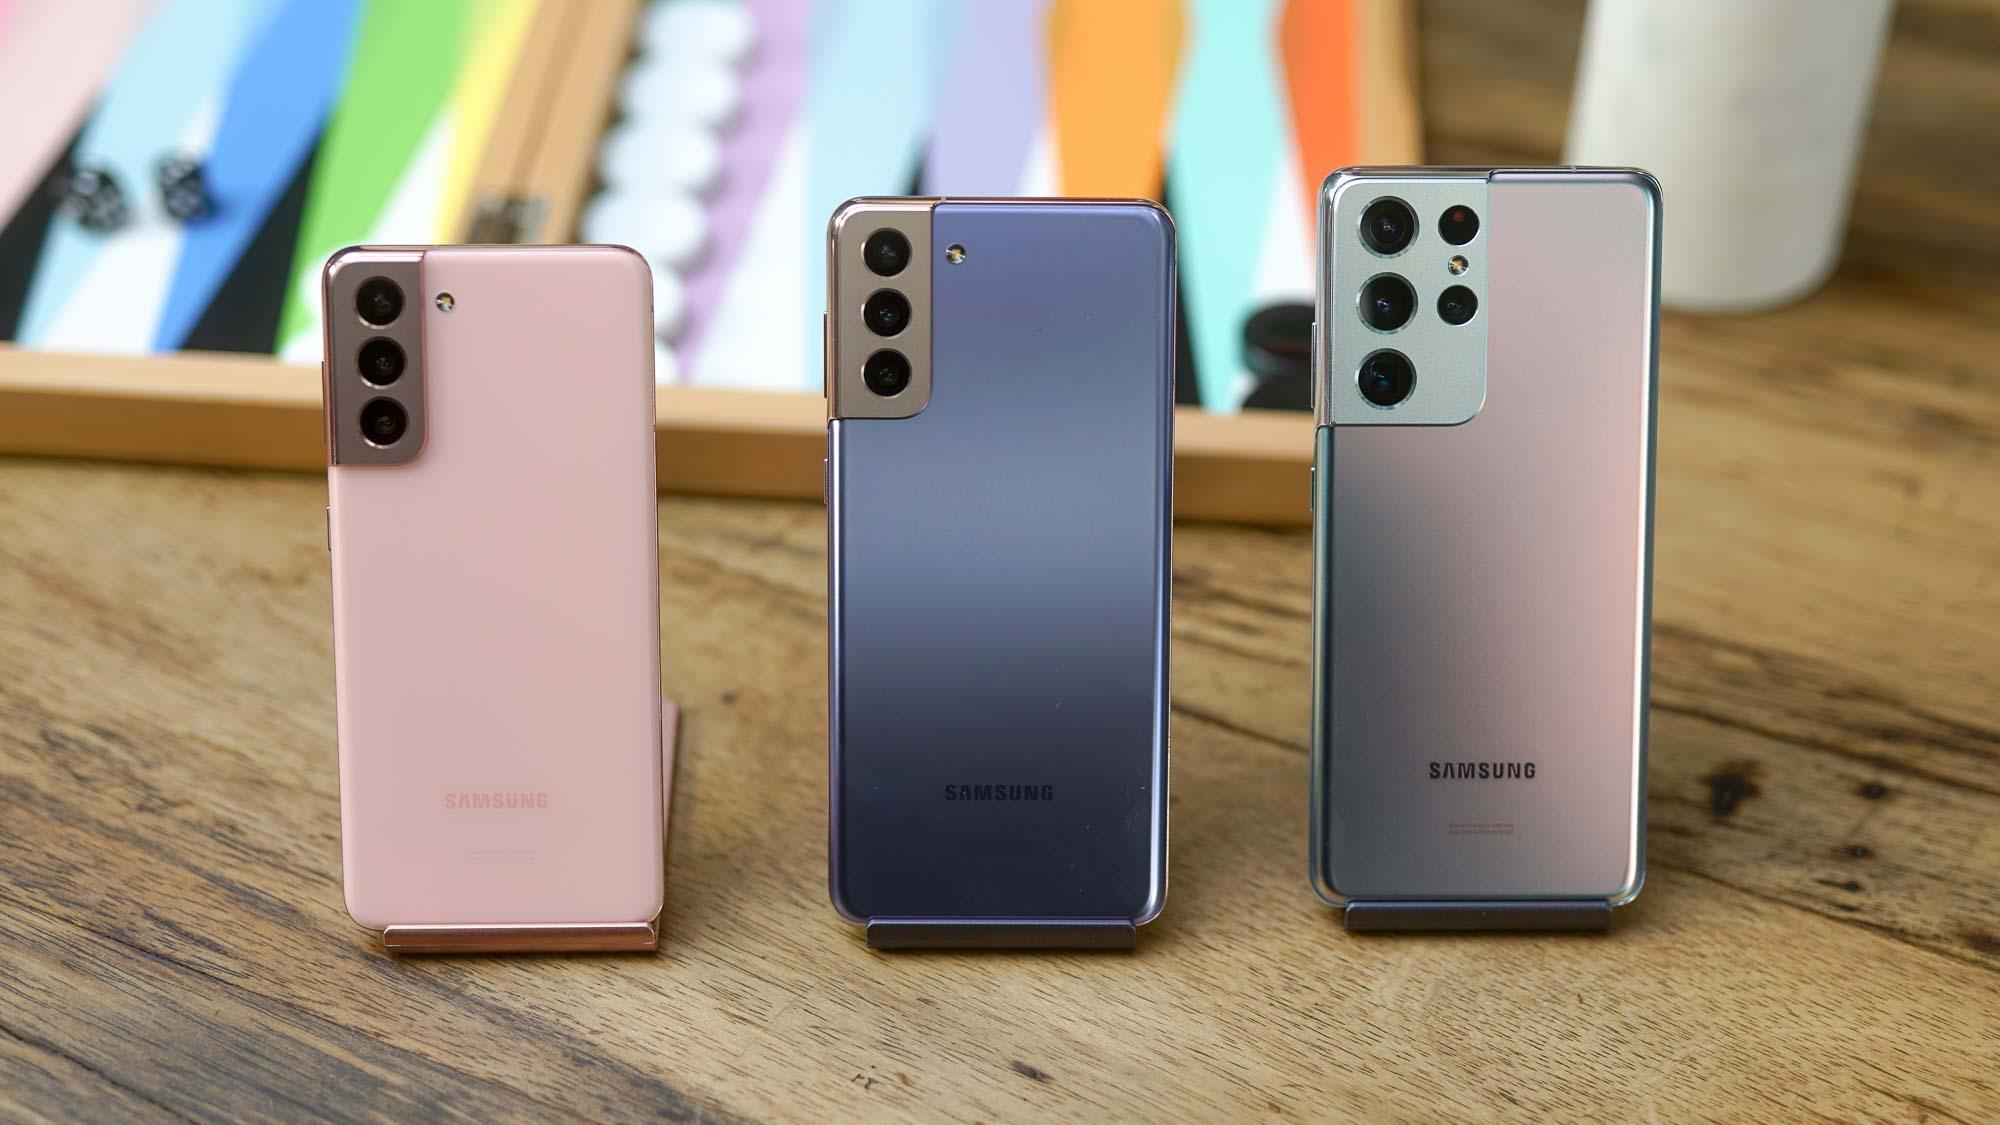 Samsung Galaxy S21 - Galaxy S21+ - Galaxy S21 Ultra